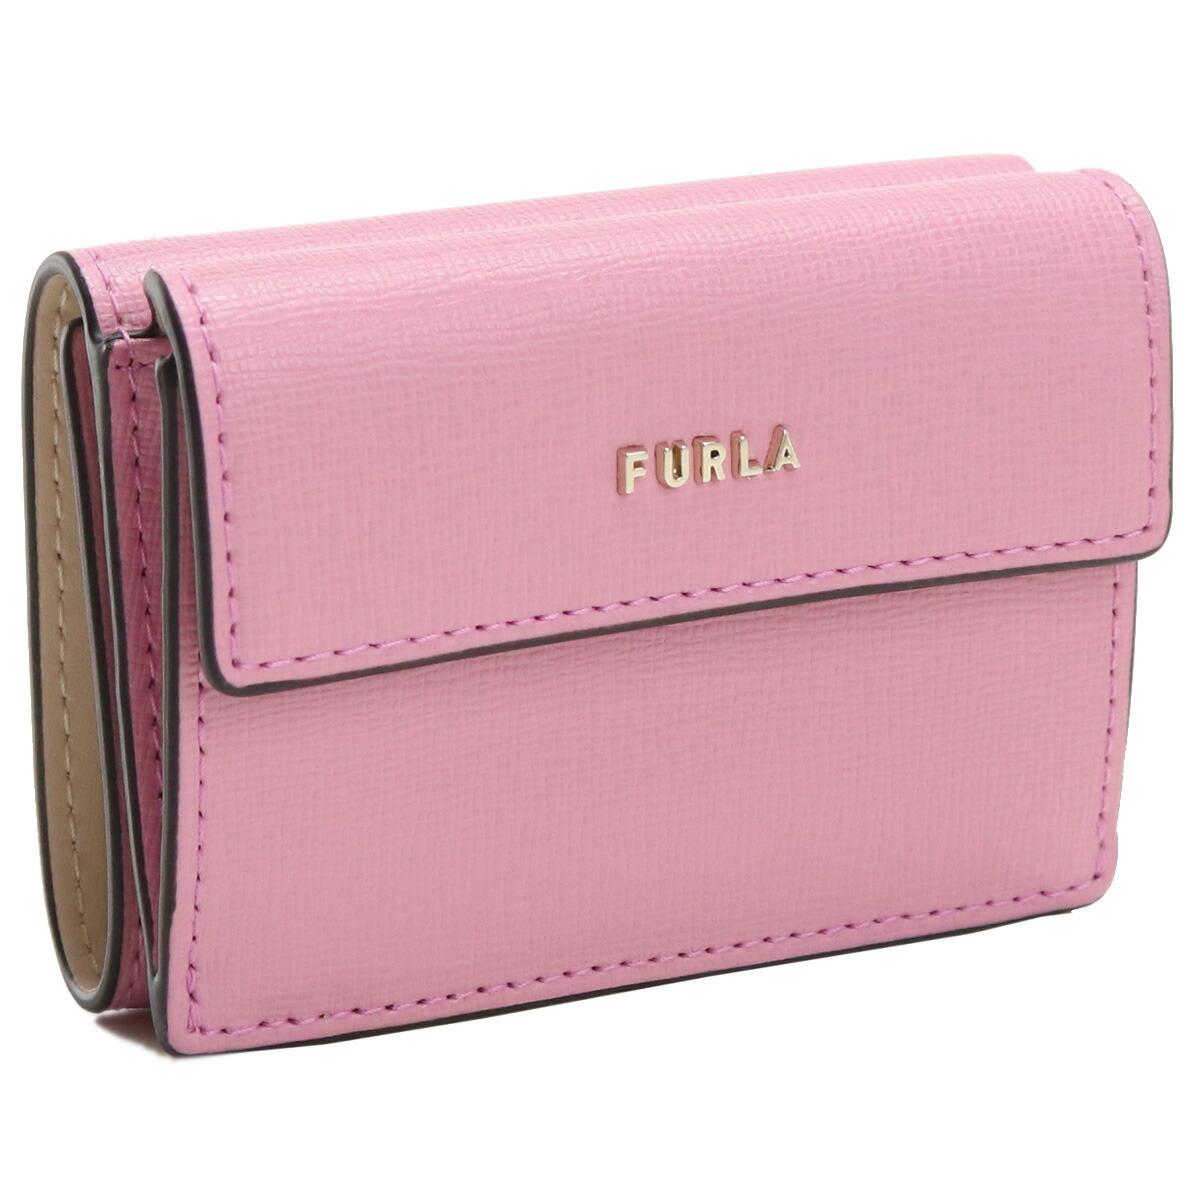 フルラ FURLA BABYLON 3つ折り財布 ブランド財布 ミニ財布 コンパクト財布 PCY9UNO B30000 0602S CONFETTO+BALLERINA ピンク系 gsw-2